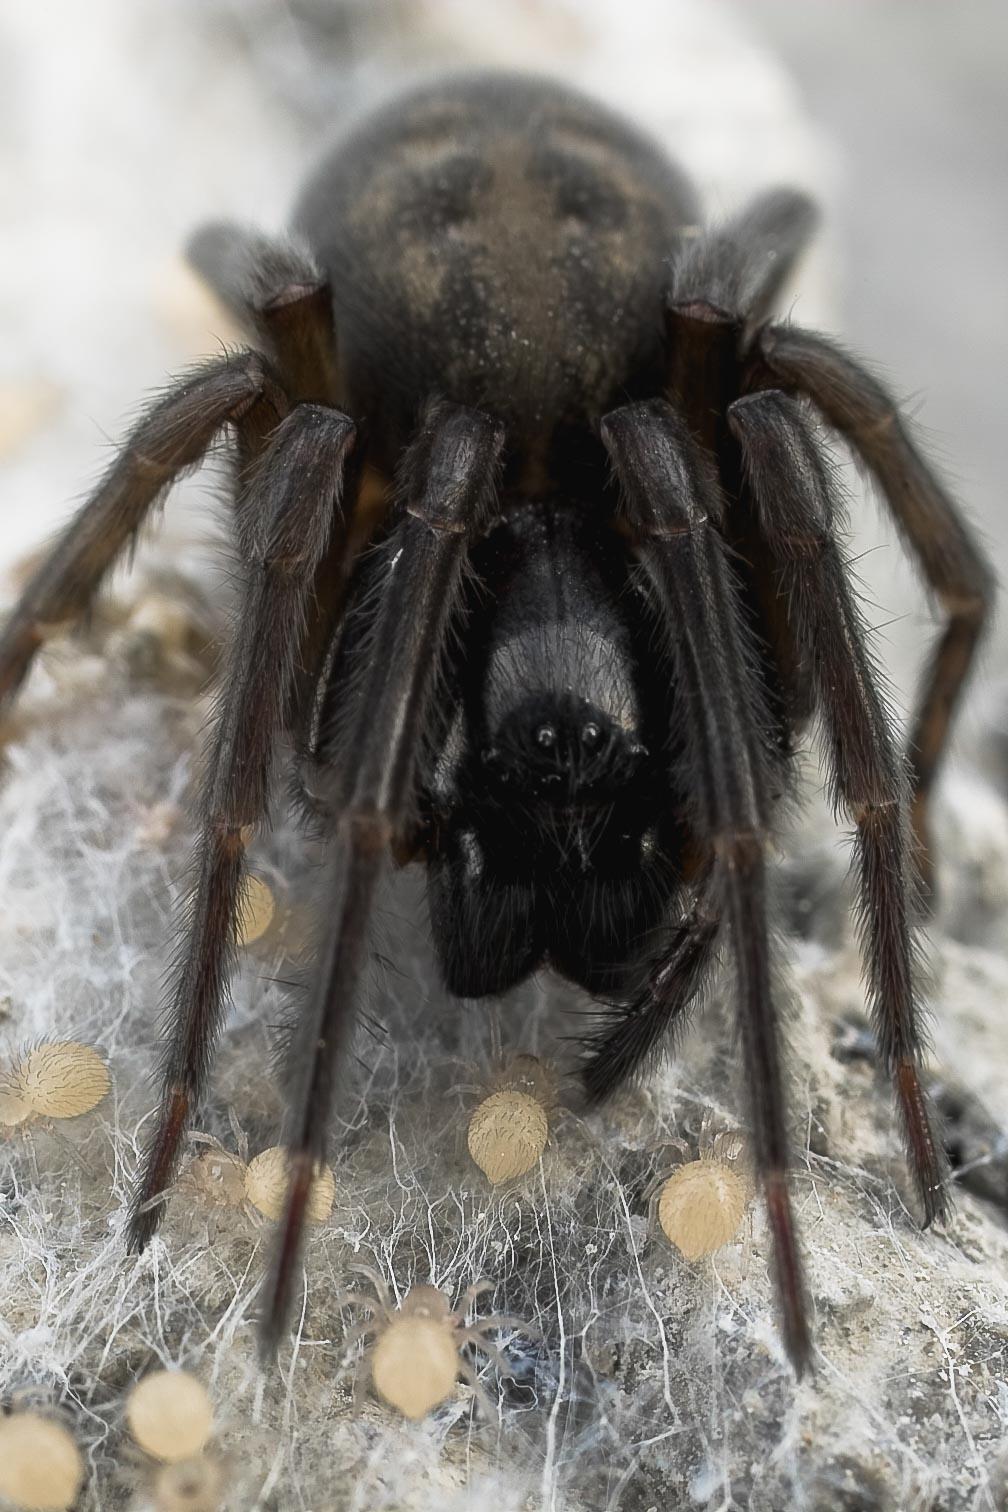 spider9441.jpg